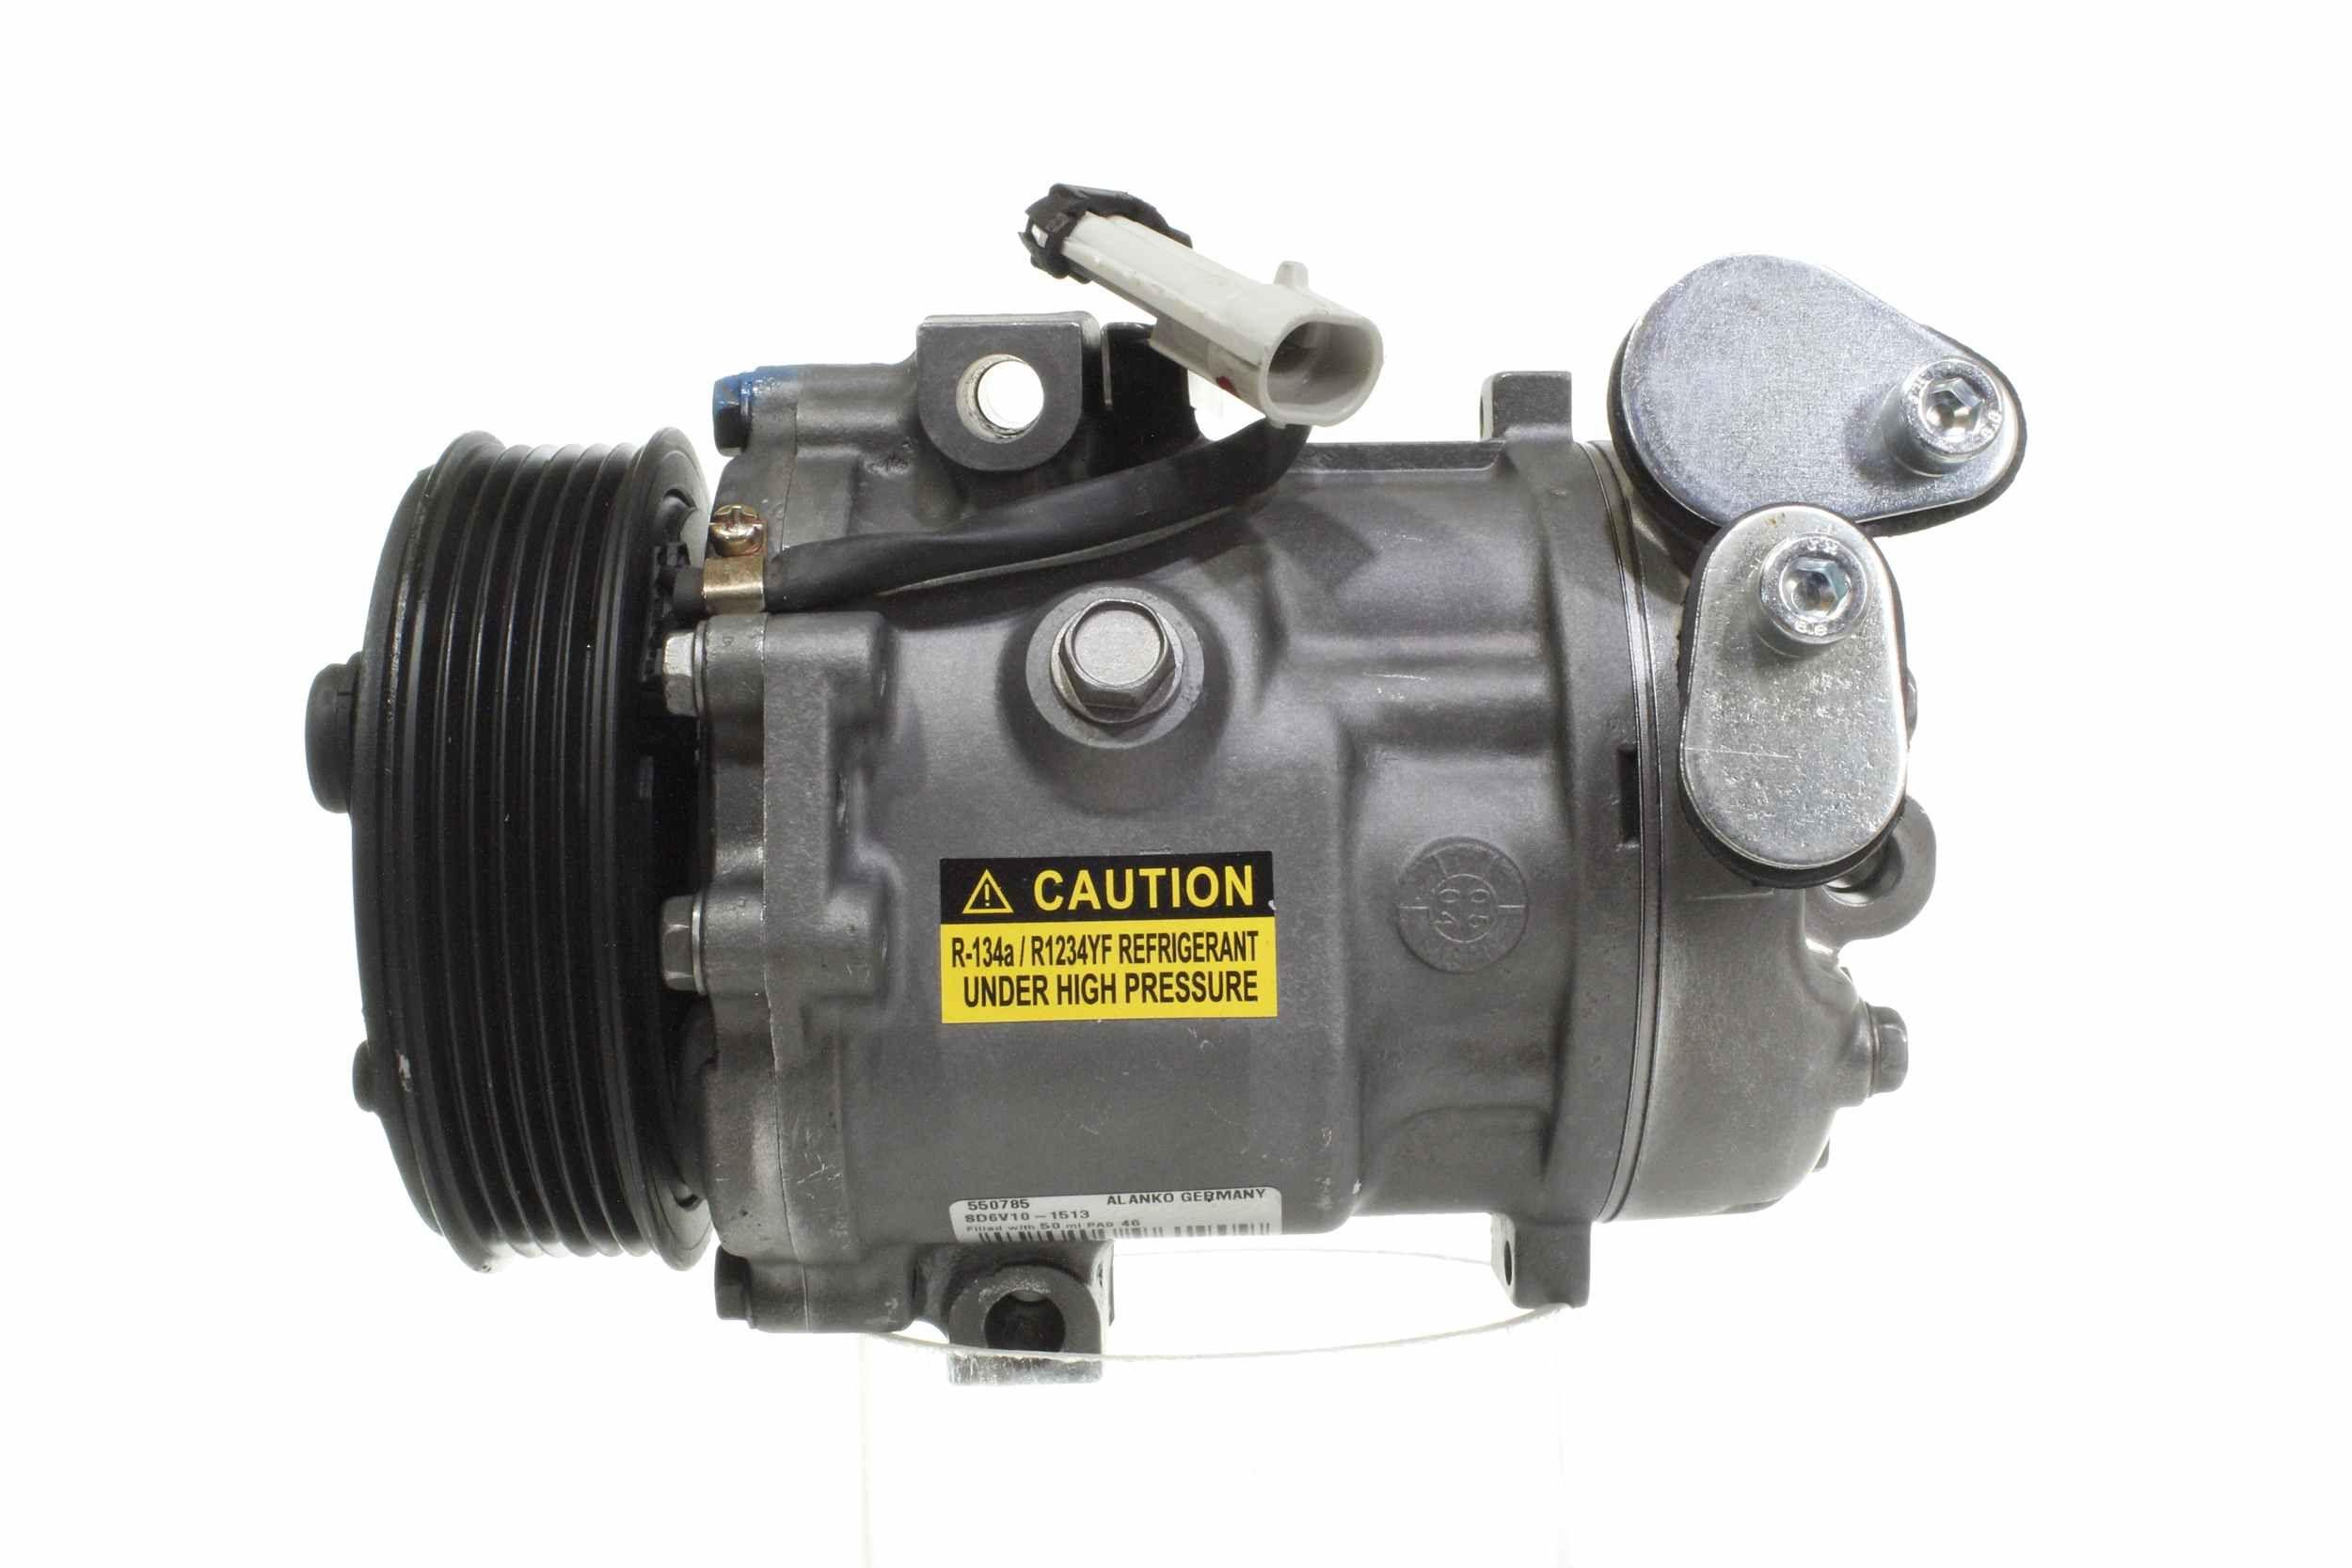 Kompressor ALANKO 10550785